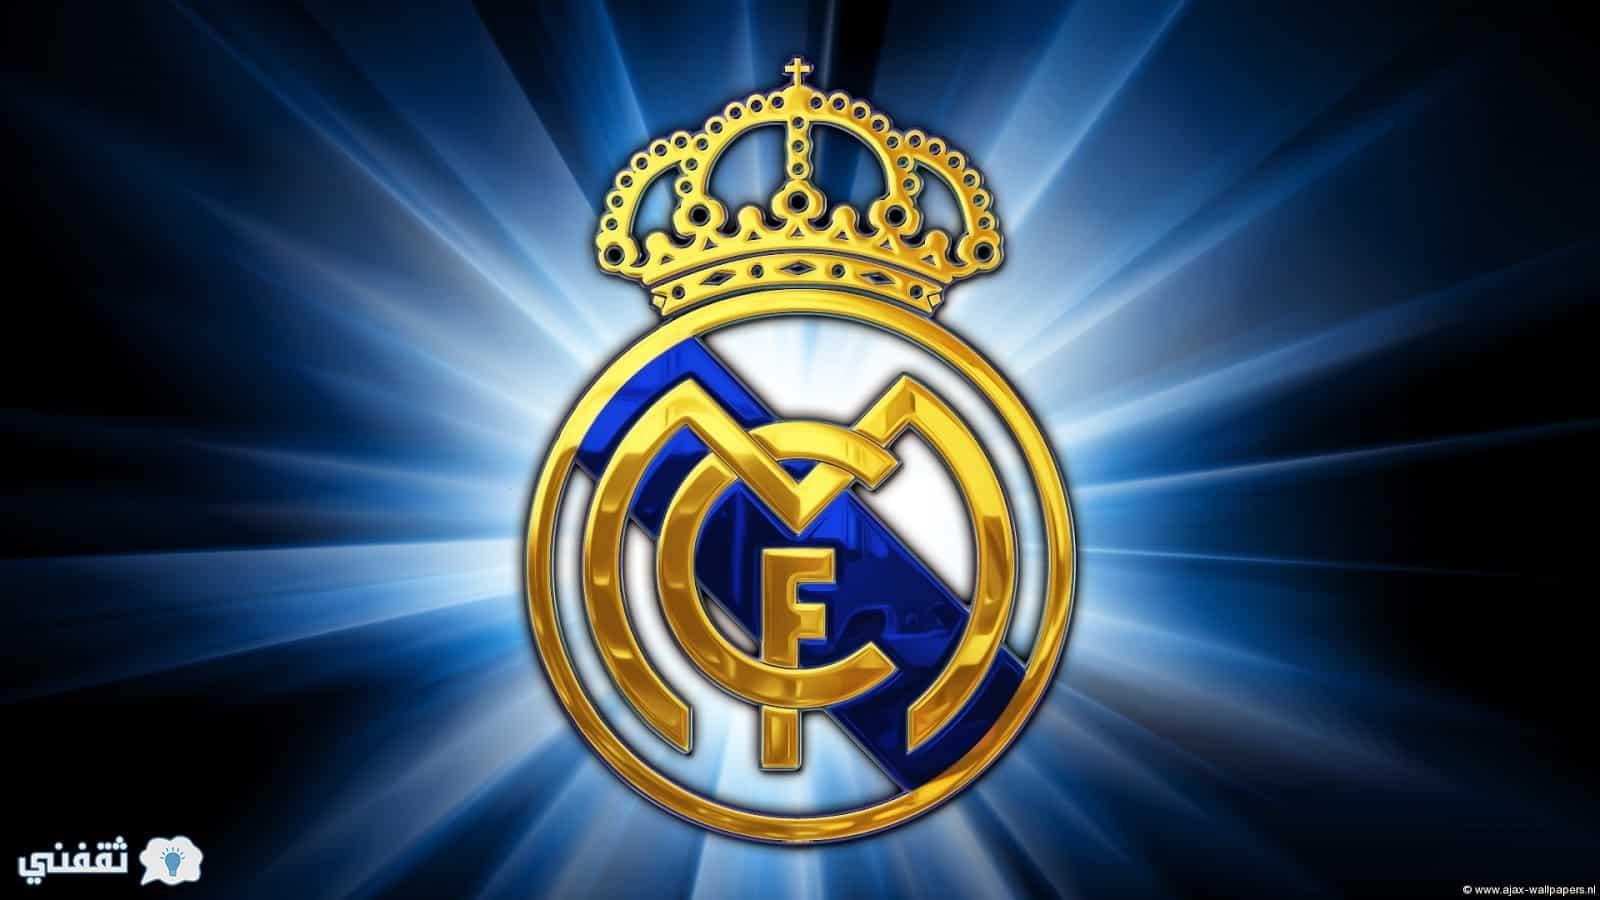 اخبار ريال مدريد اليوم متابعة اخر اخبار الراحلين عن الفريق وانتقالات ريال مدريد خلال الميركاتو